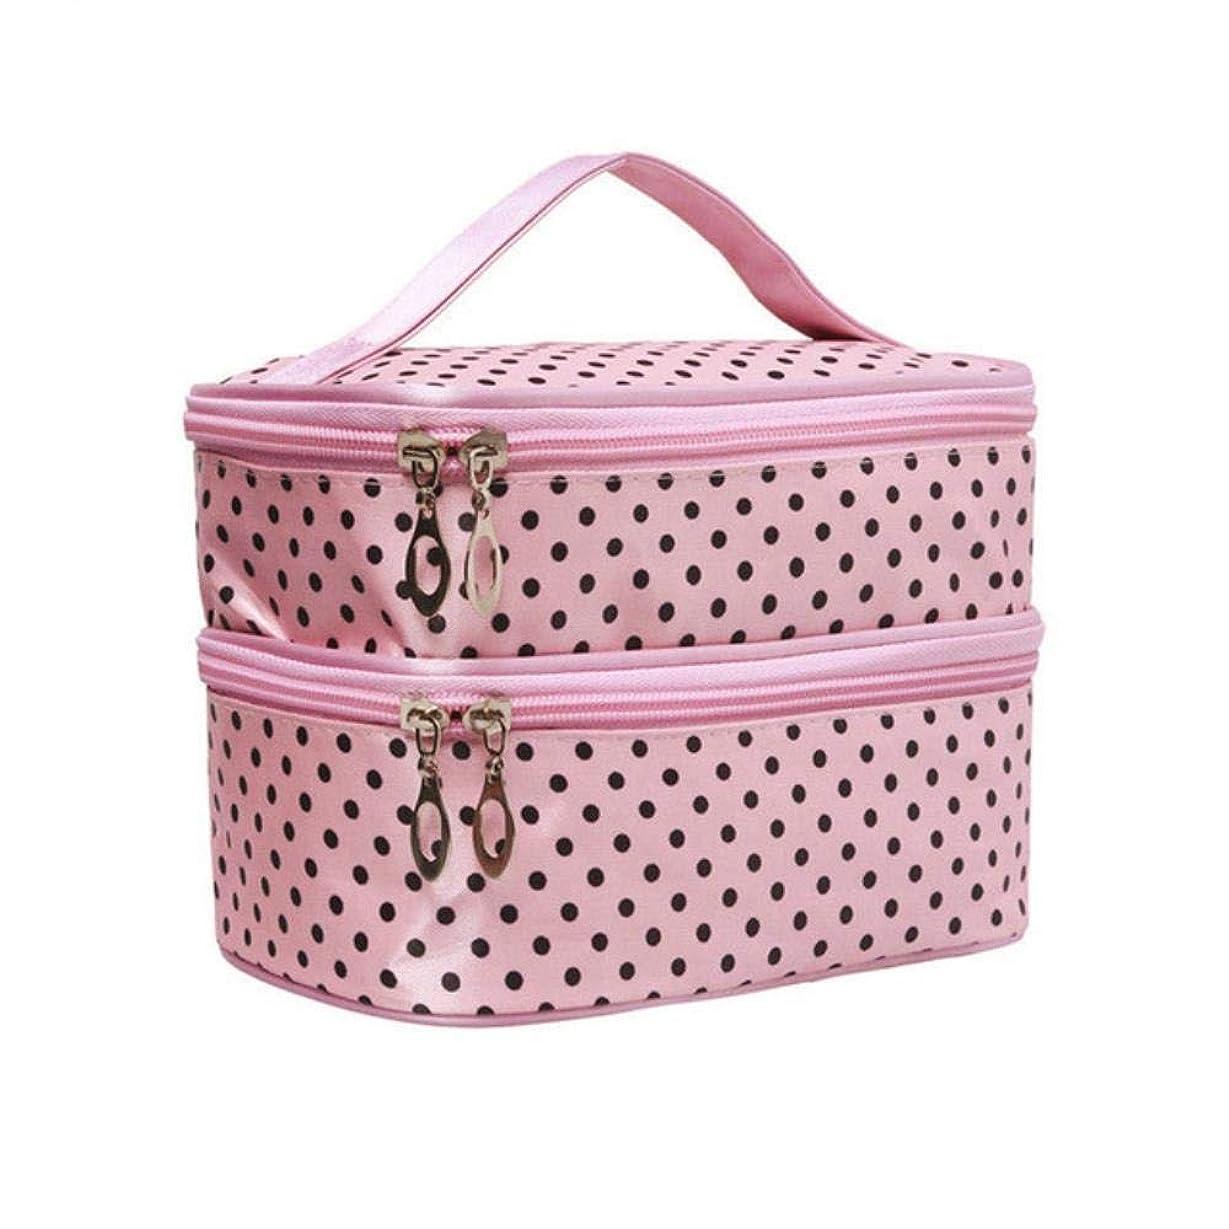 ブラウン靄言い換えると旅行ポルカドットダブルレイヤービッグ女性コスメティックバッグトイレタリーオーガナイザーストレージ化粧バッグケース,ピンク